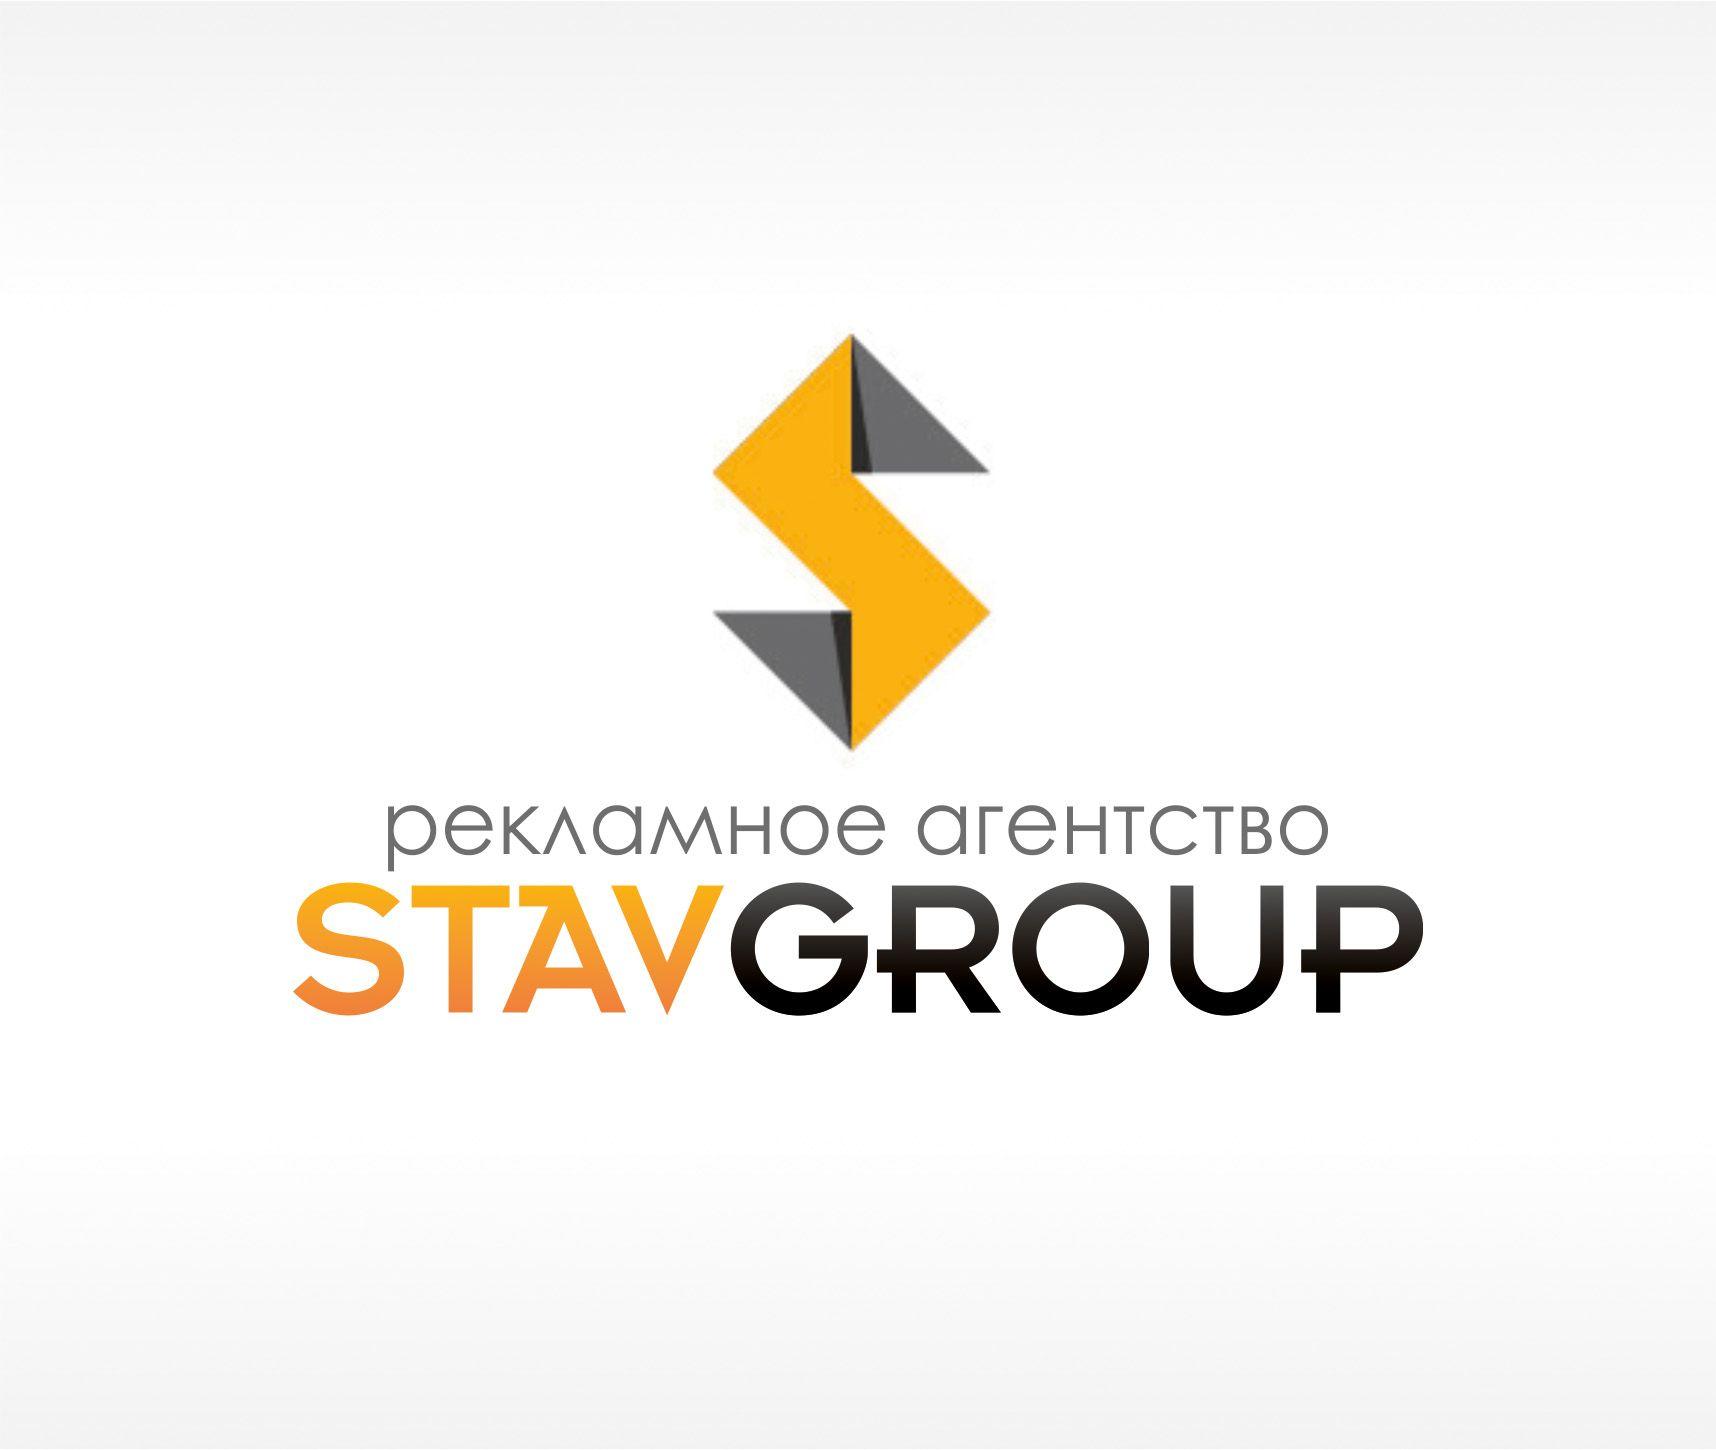 Лого и фирменный стиль для STAVGROUP - дизайнер IgorTsar